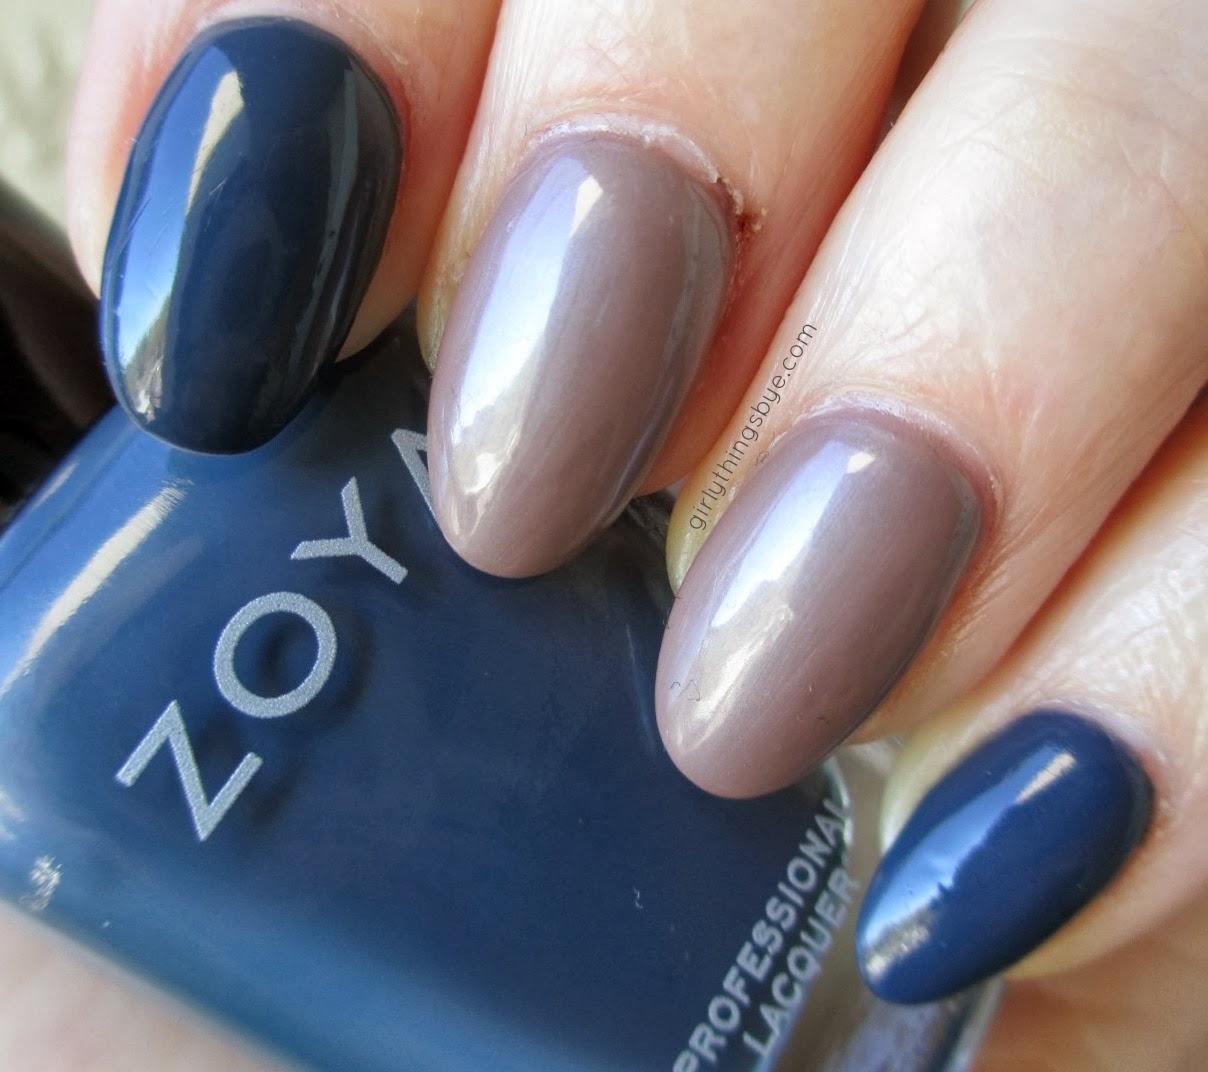 Zoya Natty, Zoya Pasha, nail polish